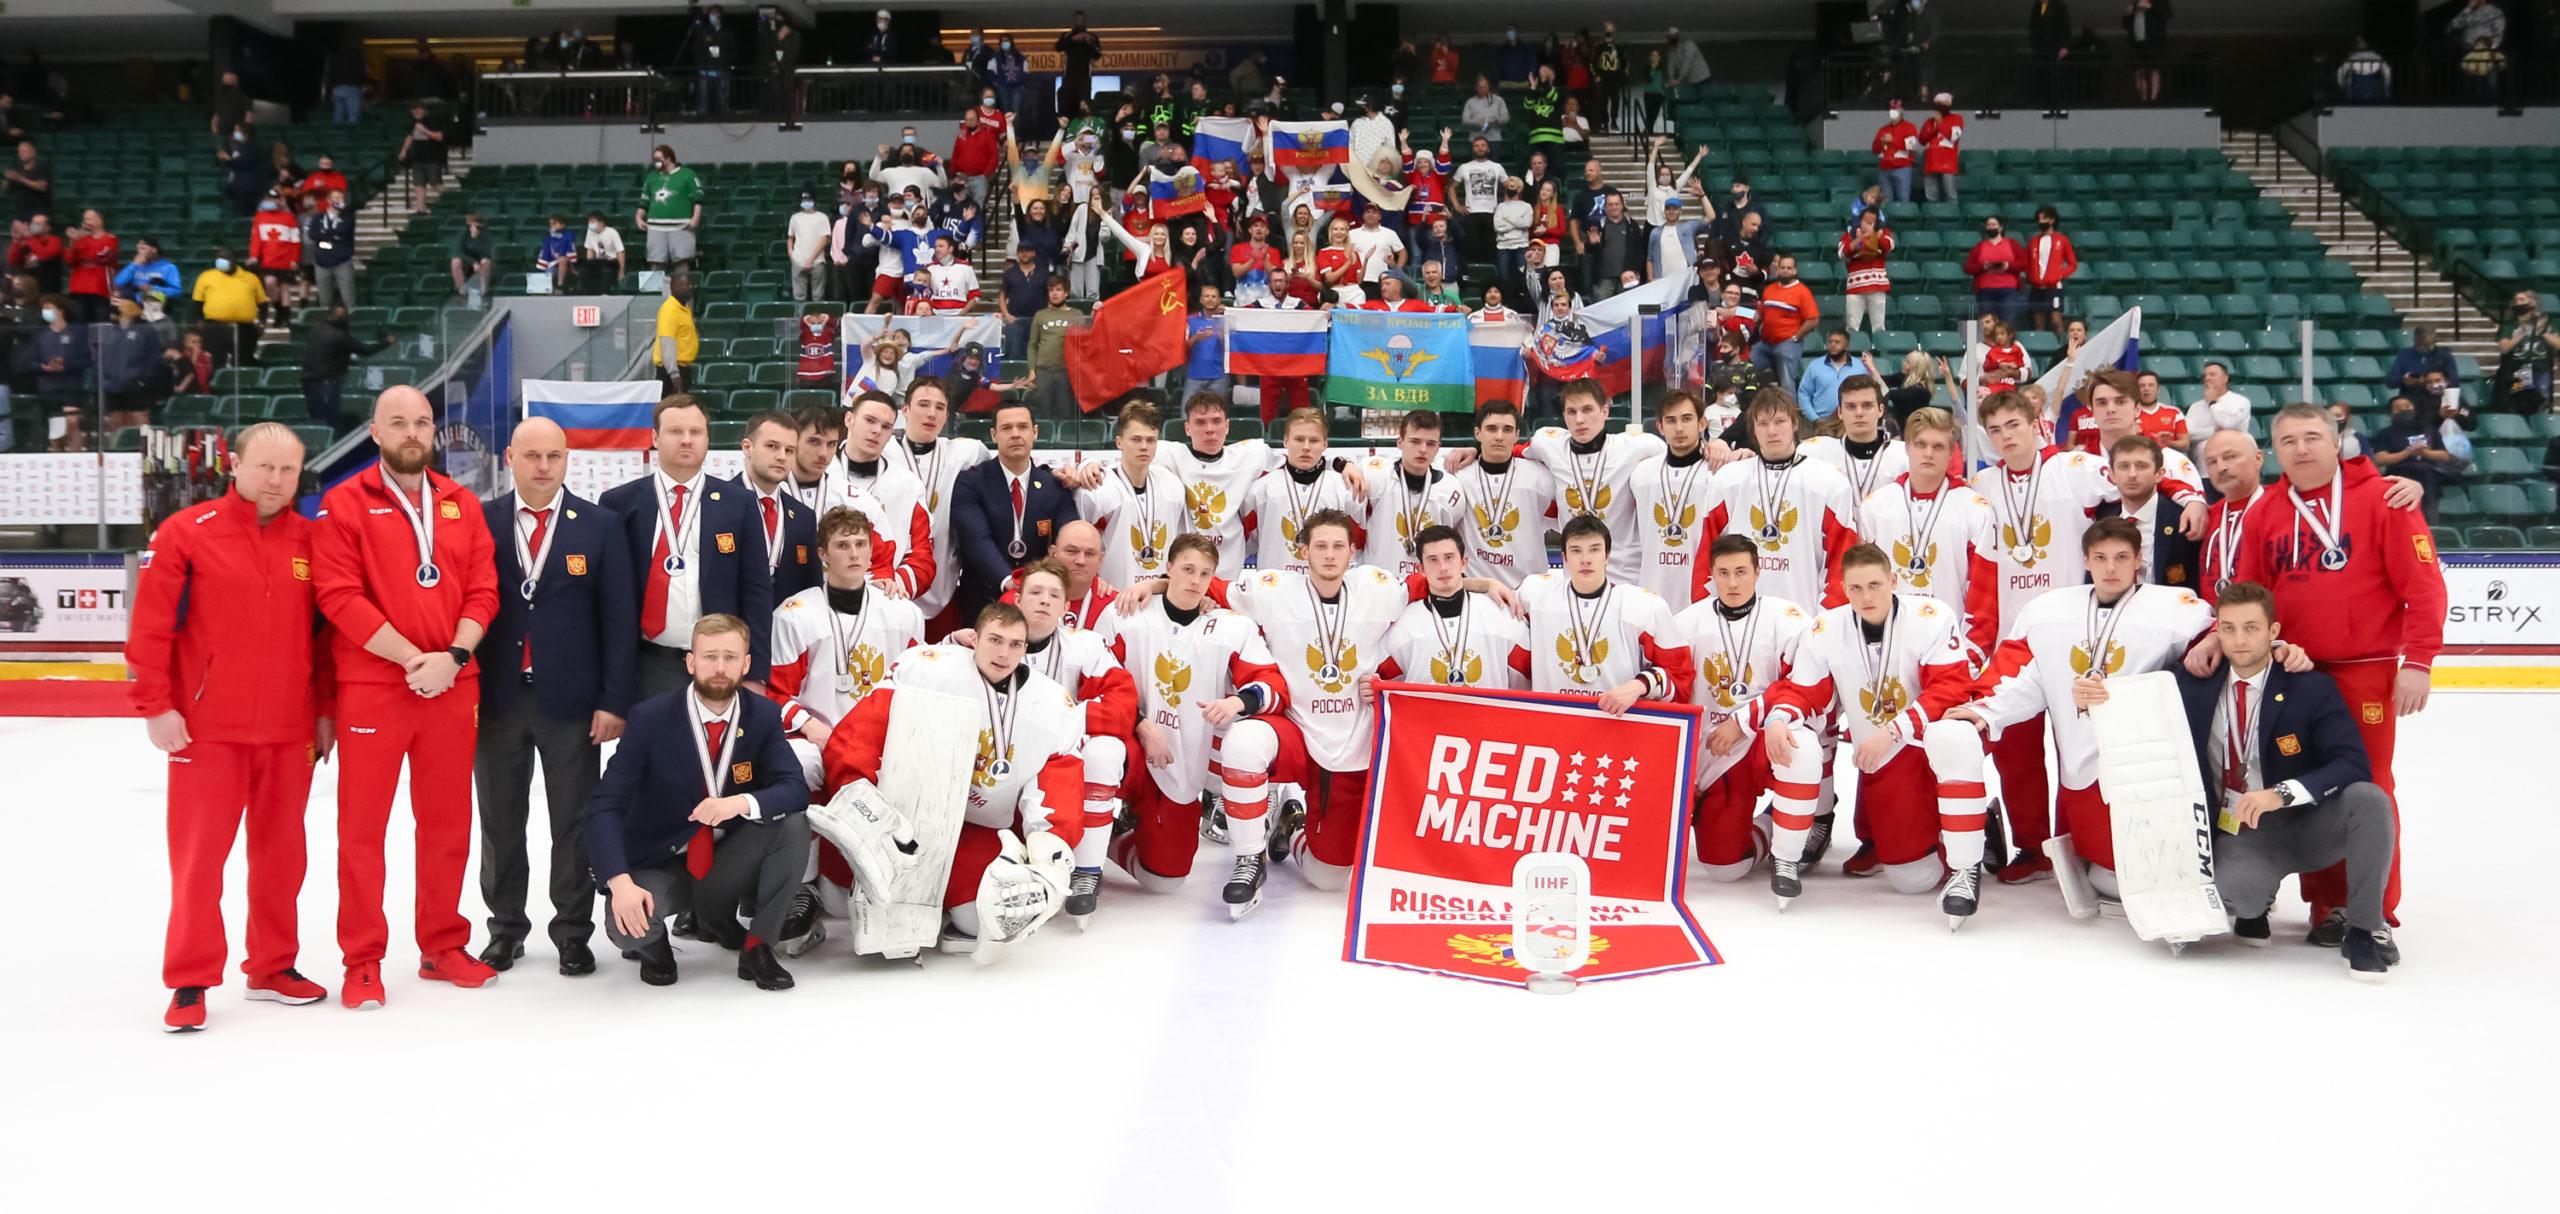 Сборная России — серебряный призер юниорского чемпионата мира по хоккею